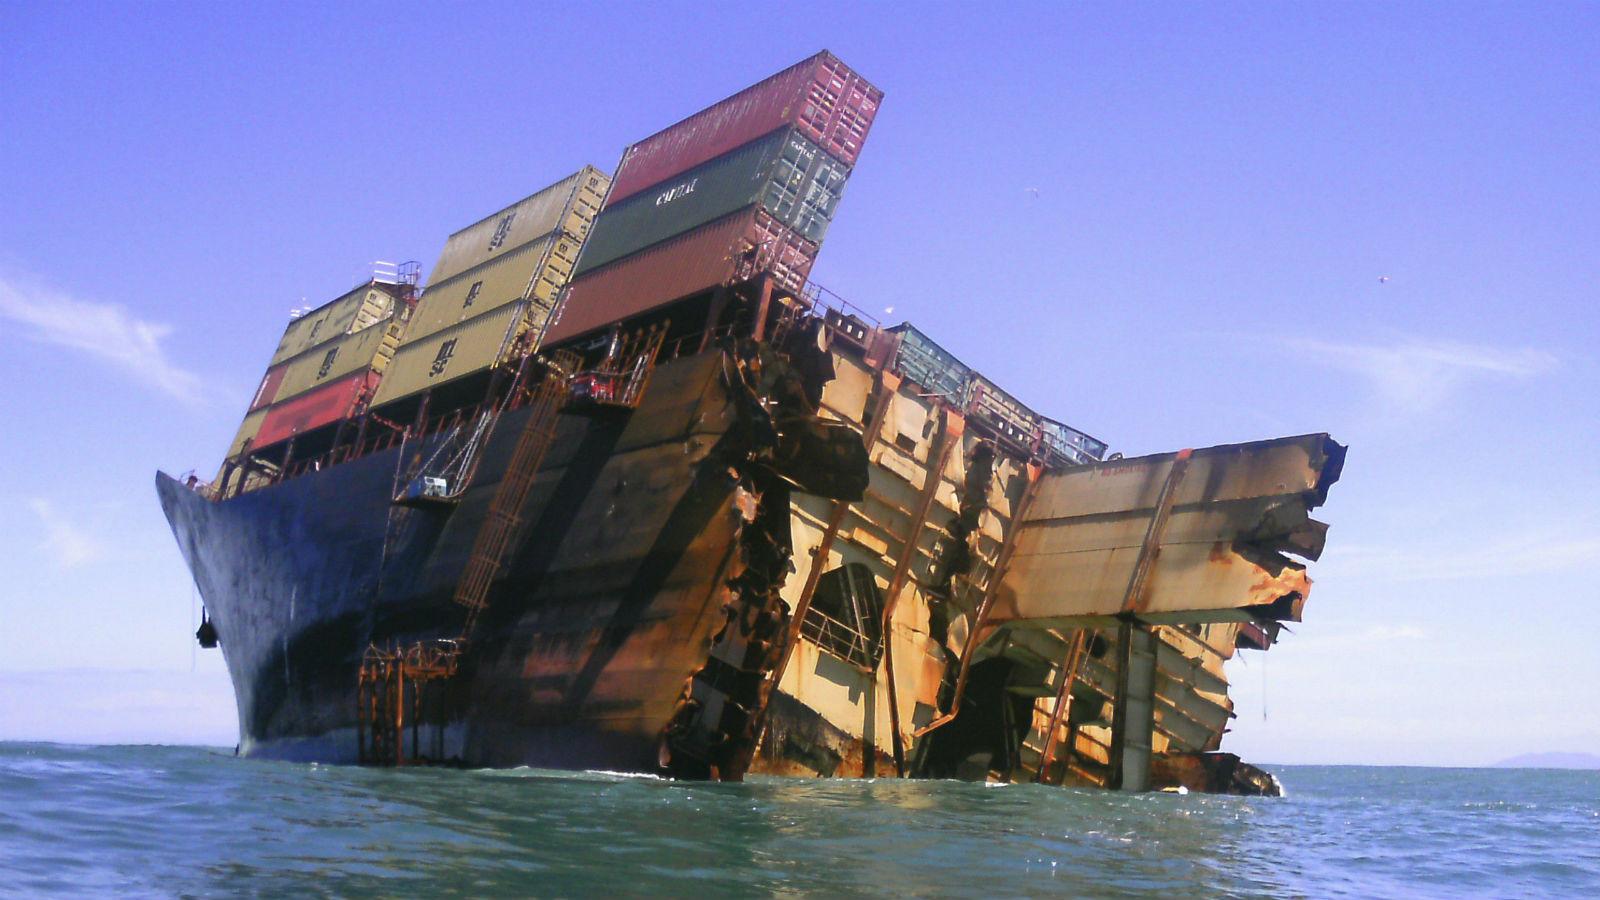 Un barco contenedor se hunde frente a las costas de nueva zelanda abc internacional - Contenedores de barco ...